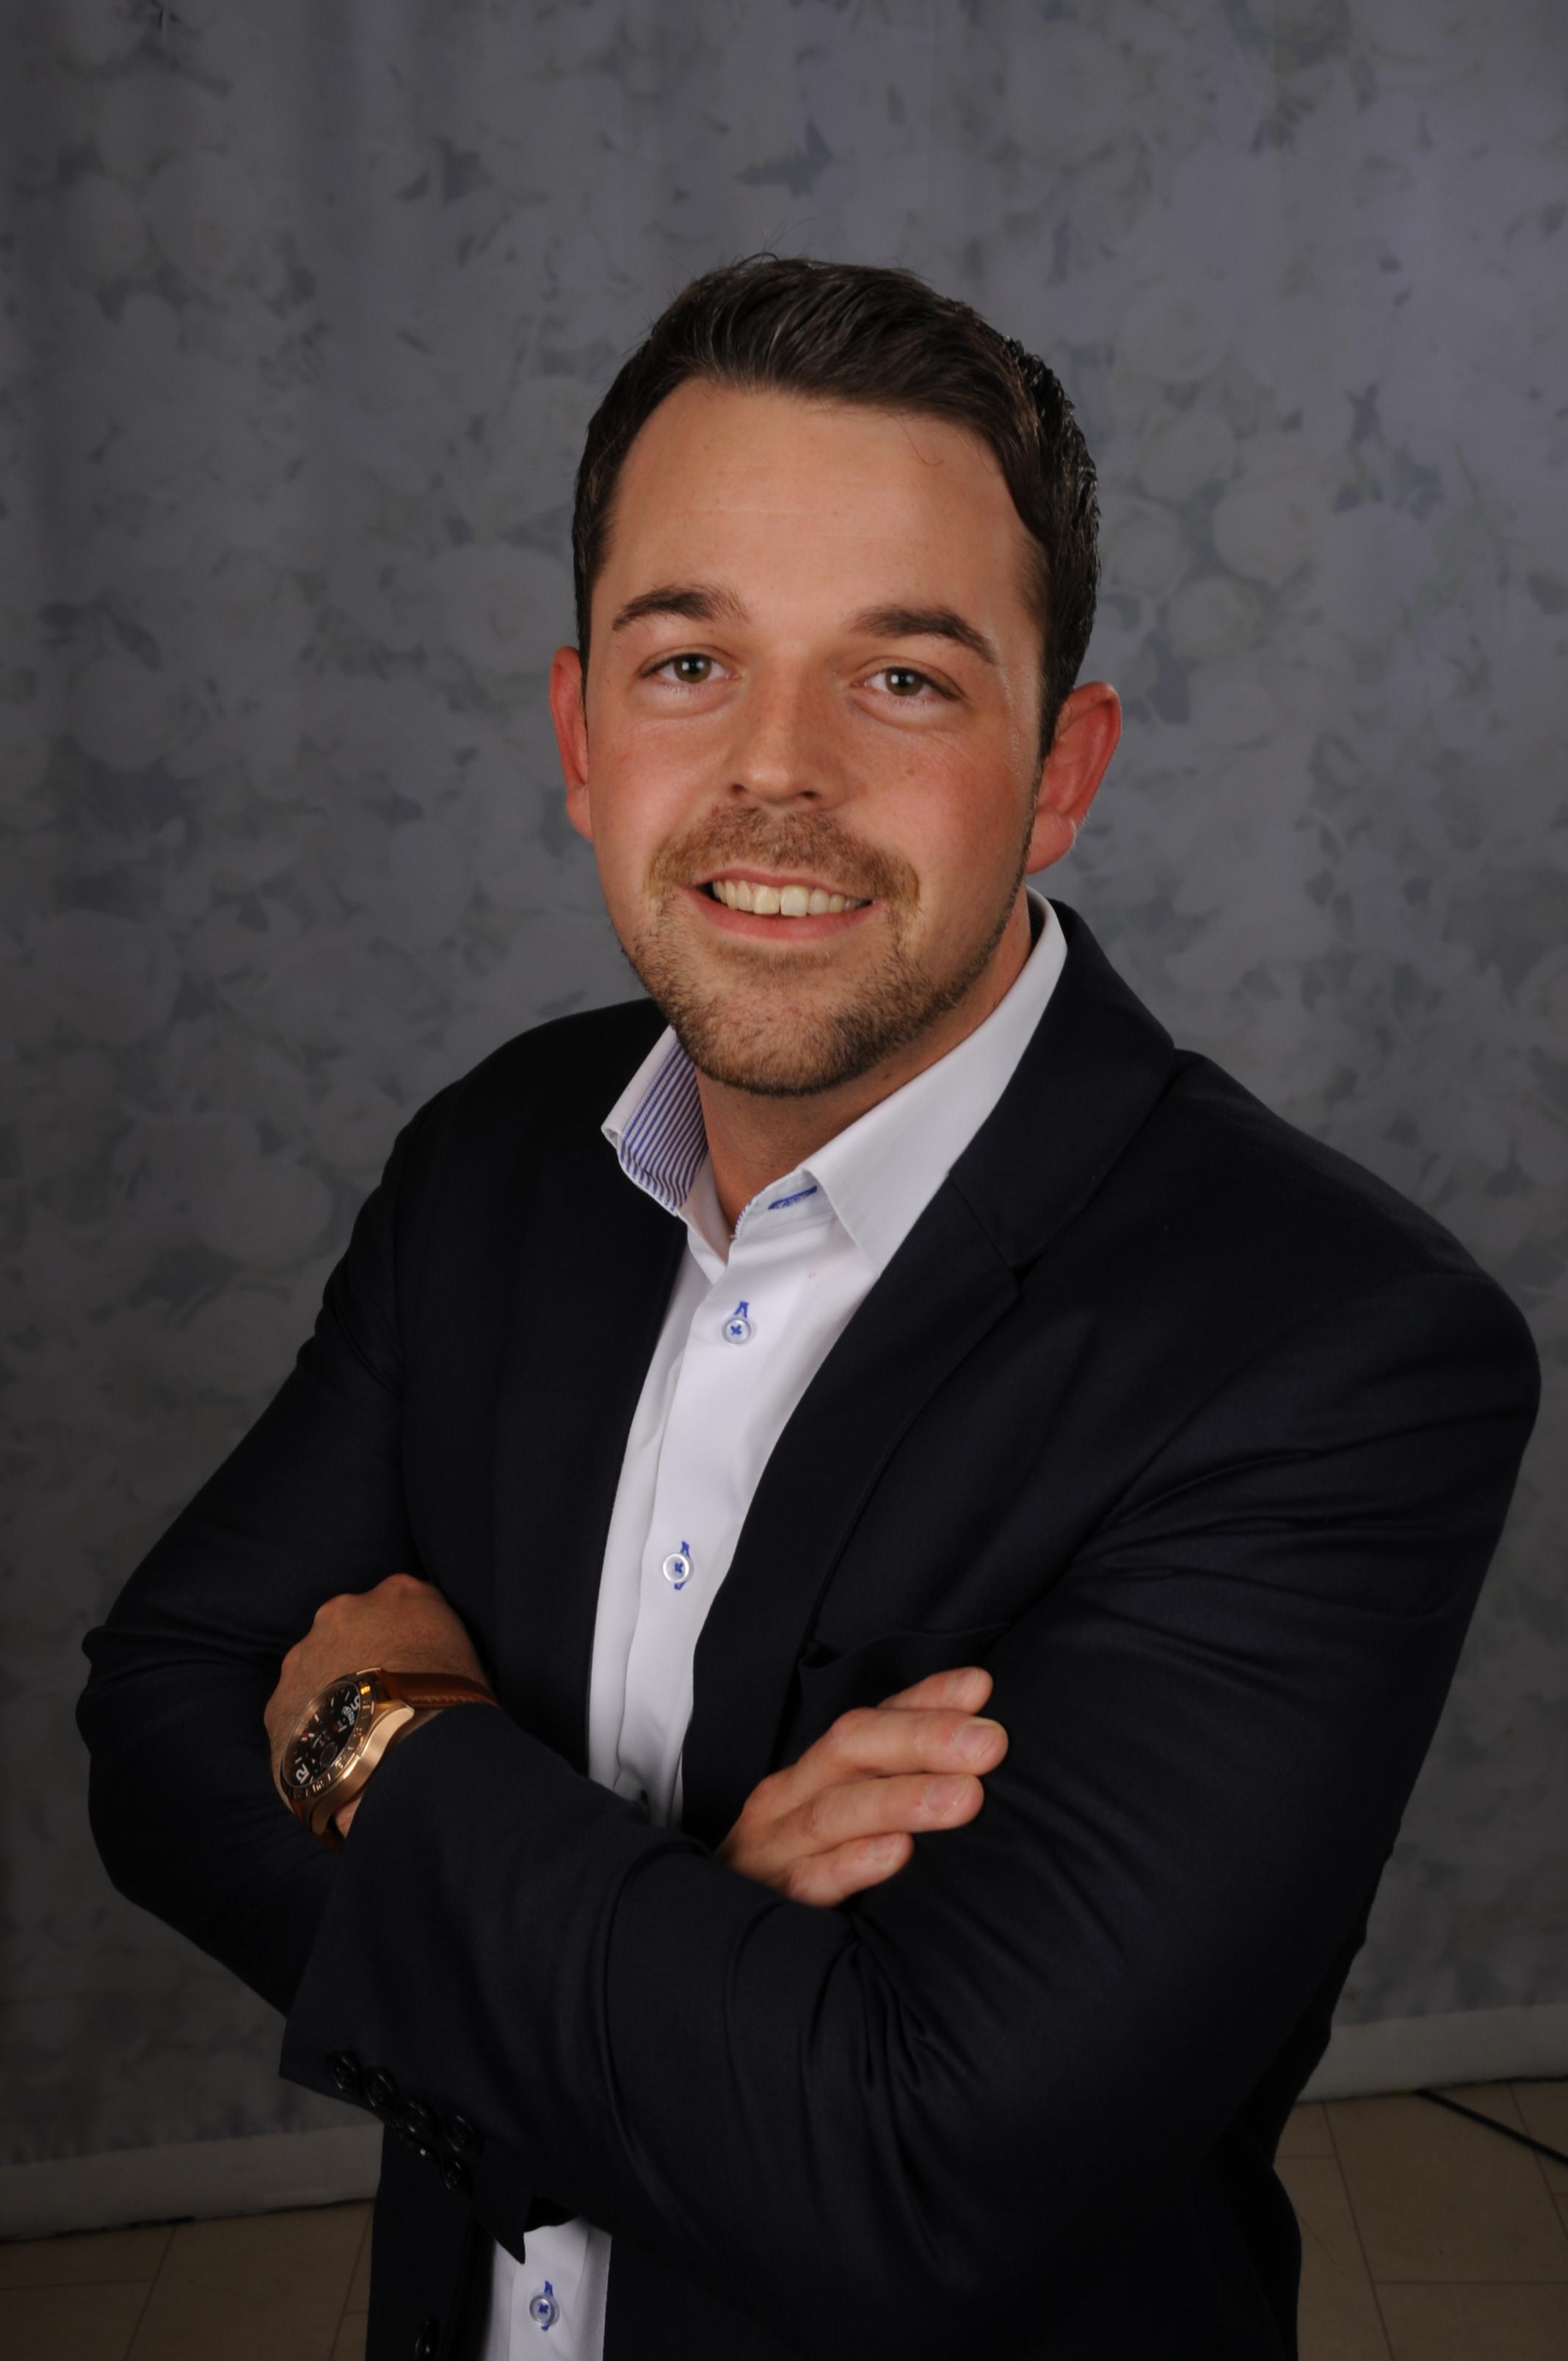 Daniel Highley